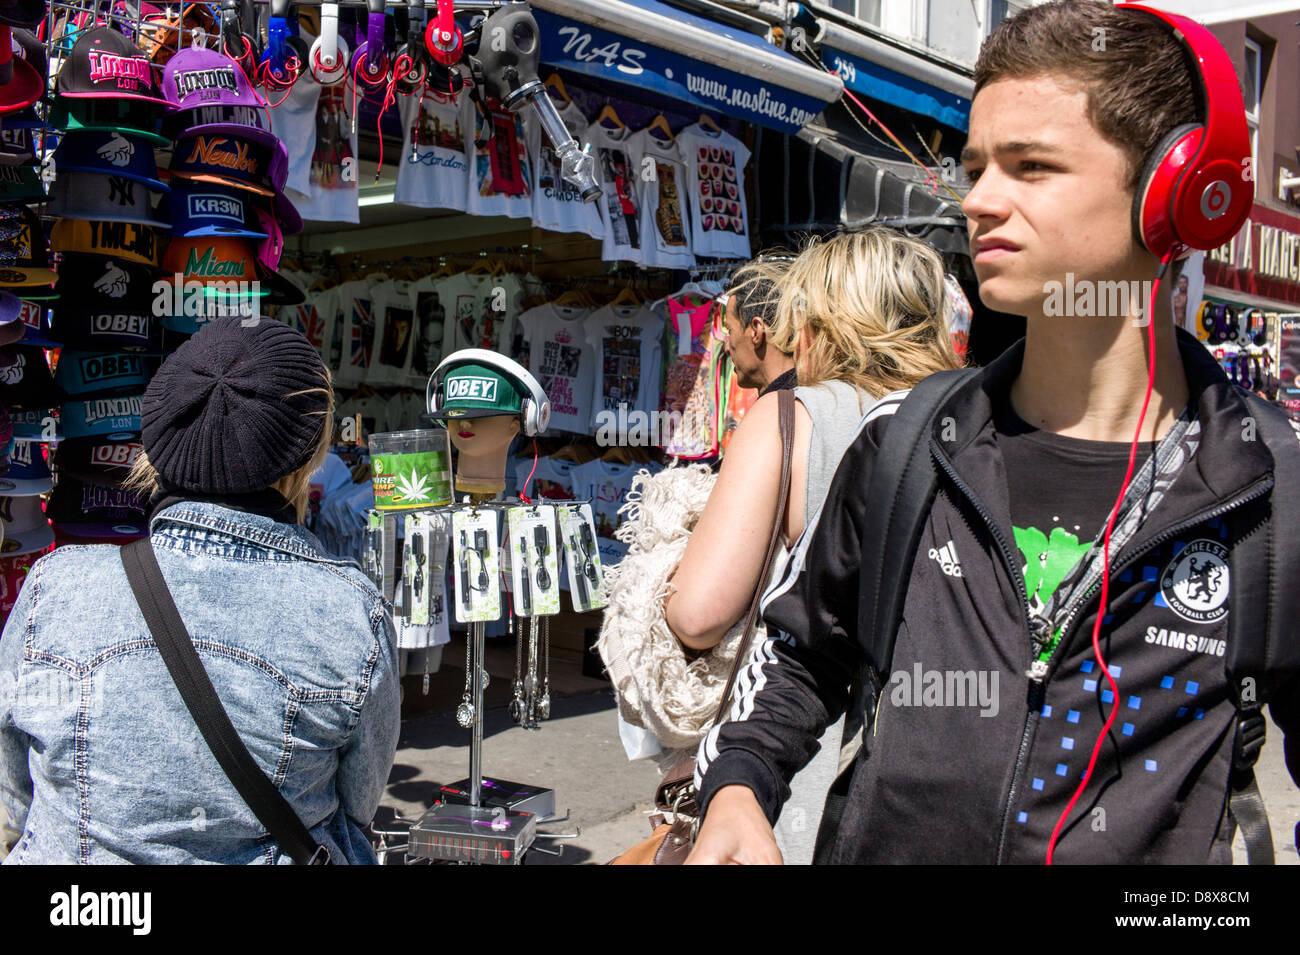 Londres, Camden Town, Camden Market, jeune garçon, homme, portant des écouteurs, et touristique, Shoppers, Photo Stock